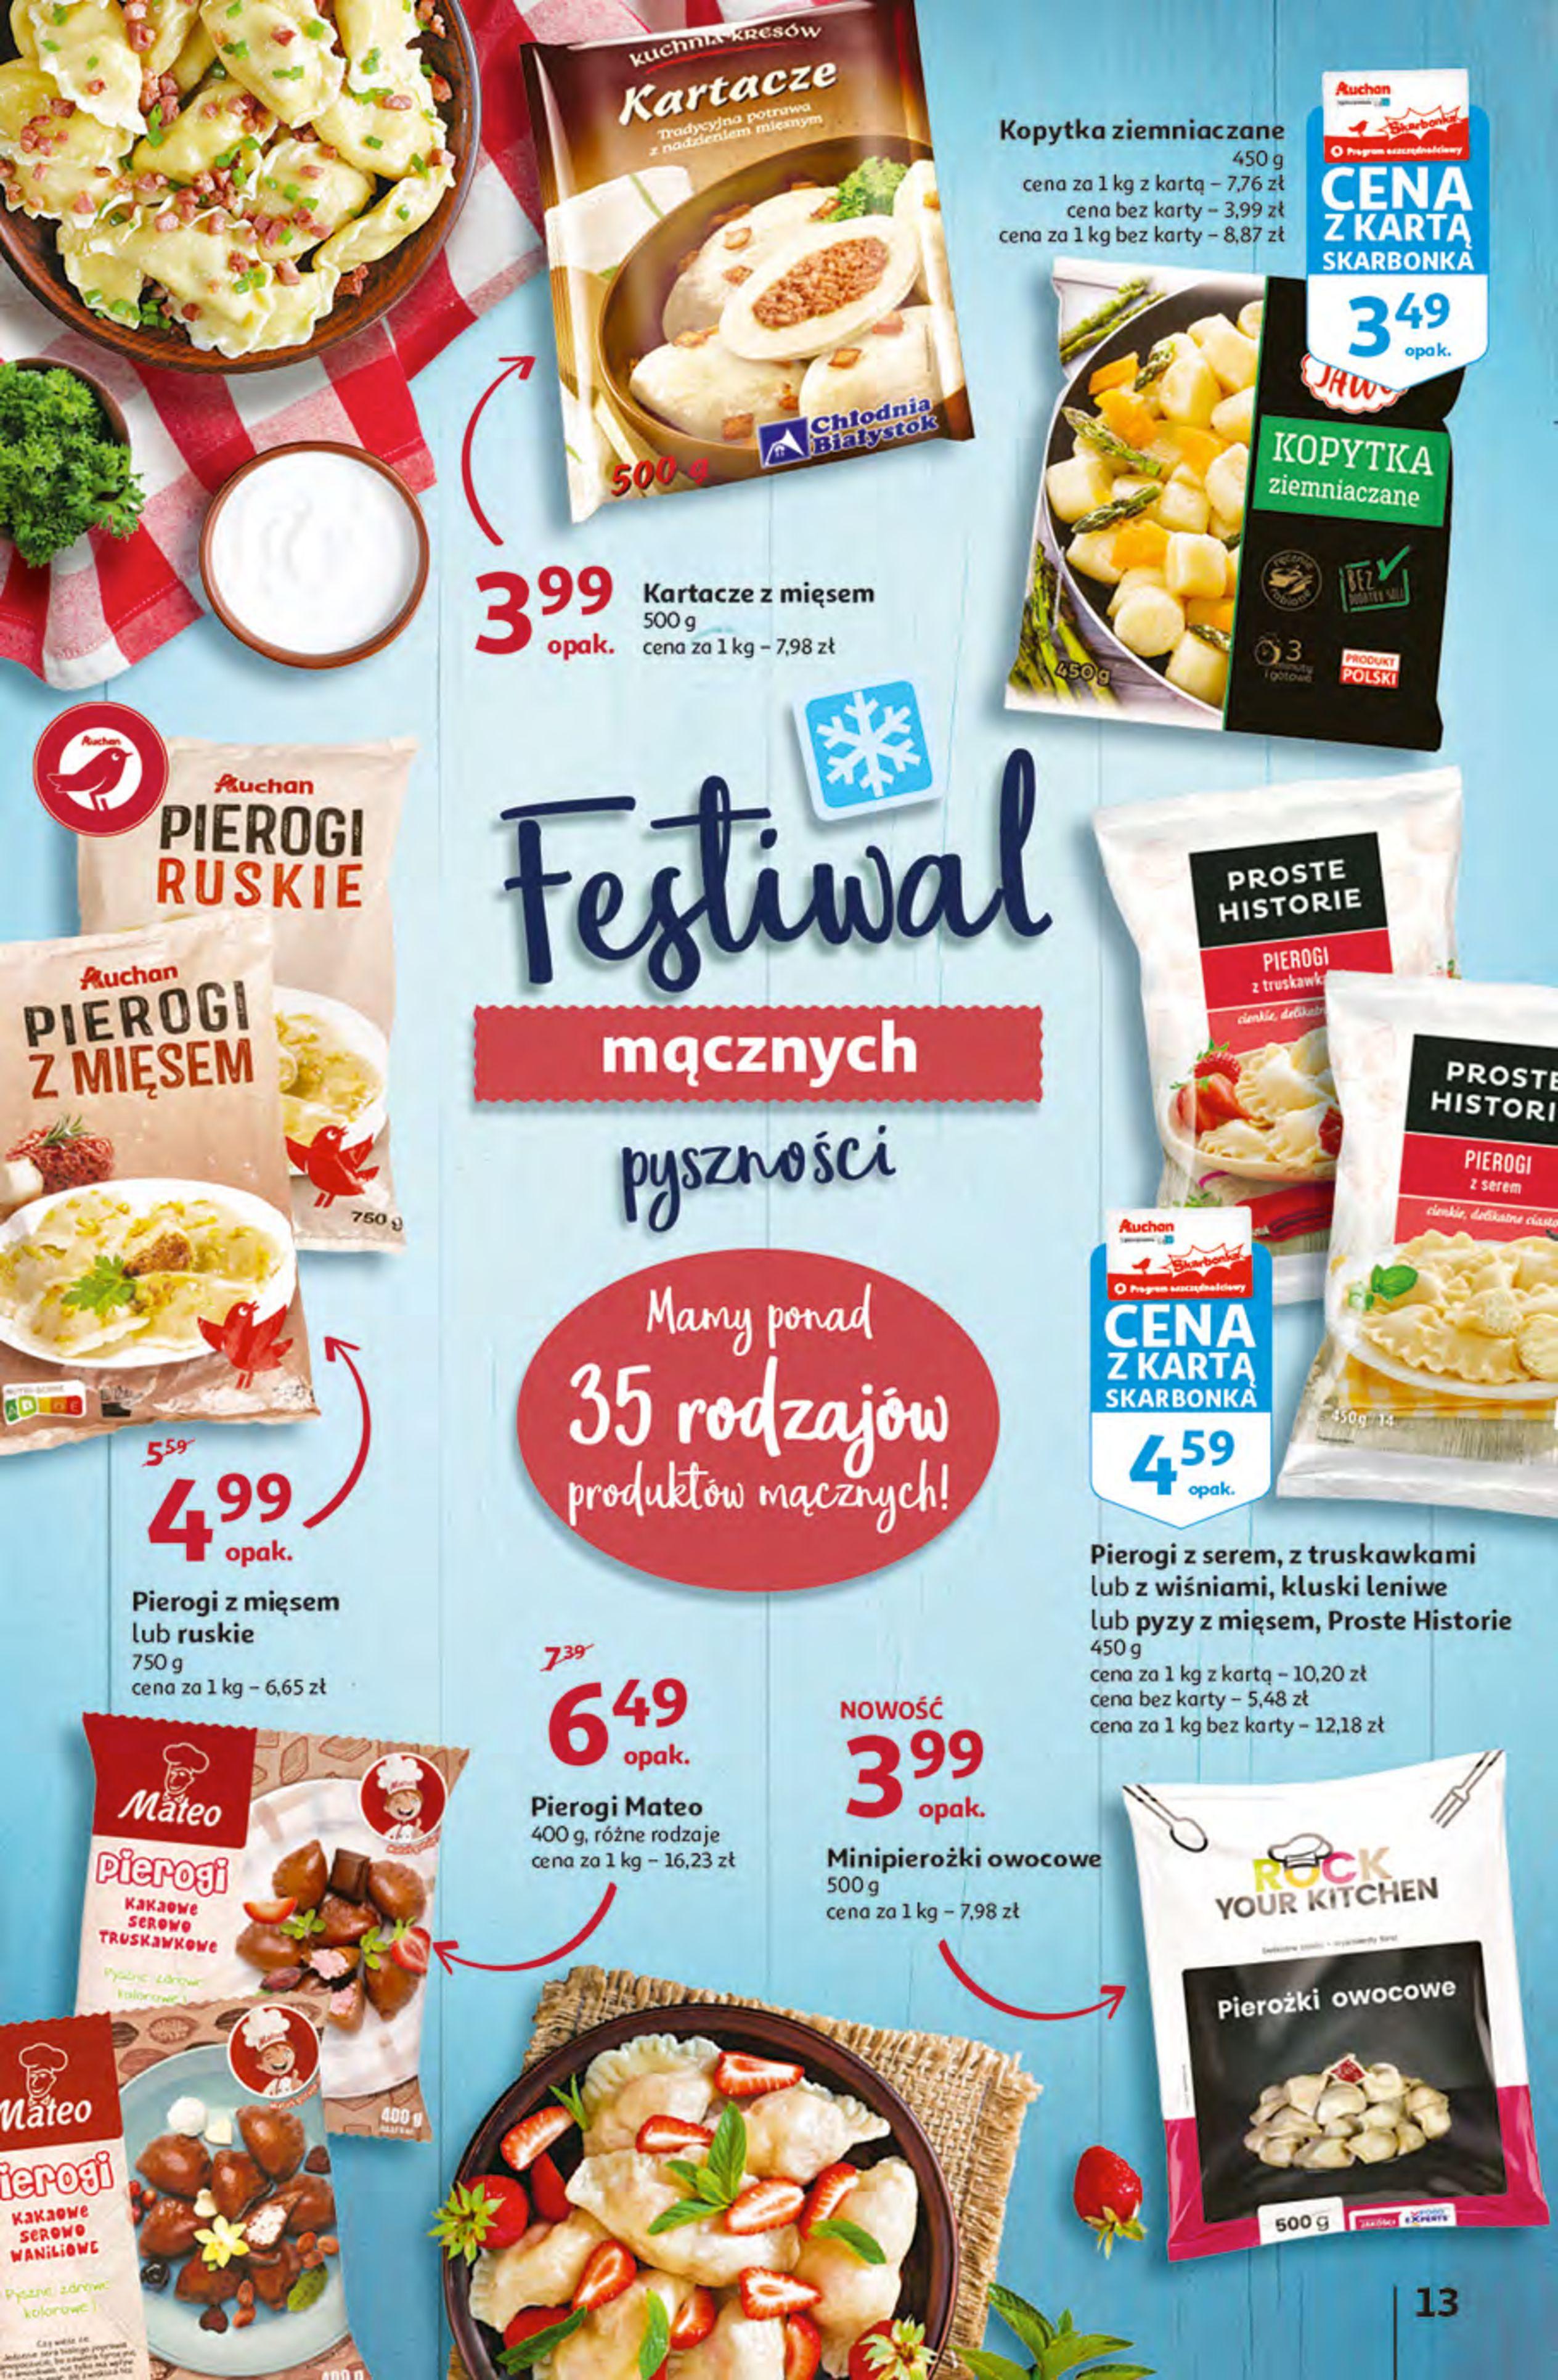 Gazetka Auchan: Gazetka Auchan - Hiperoszczędzanie z Kartą Skarbonka 2 Hipermarkety 2021-10-14 page-13